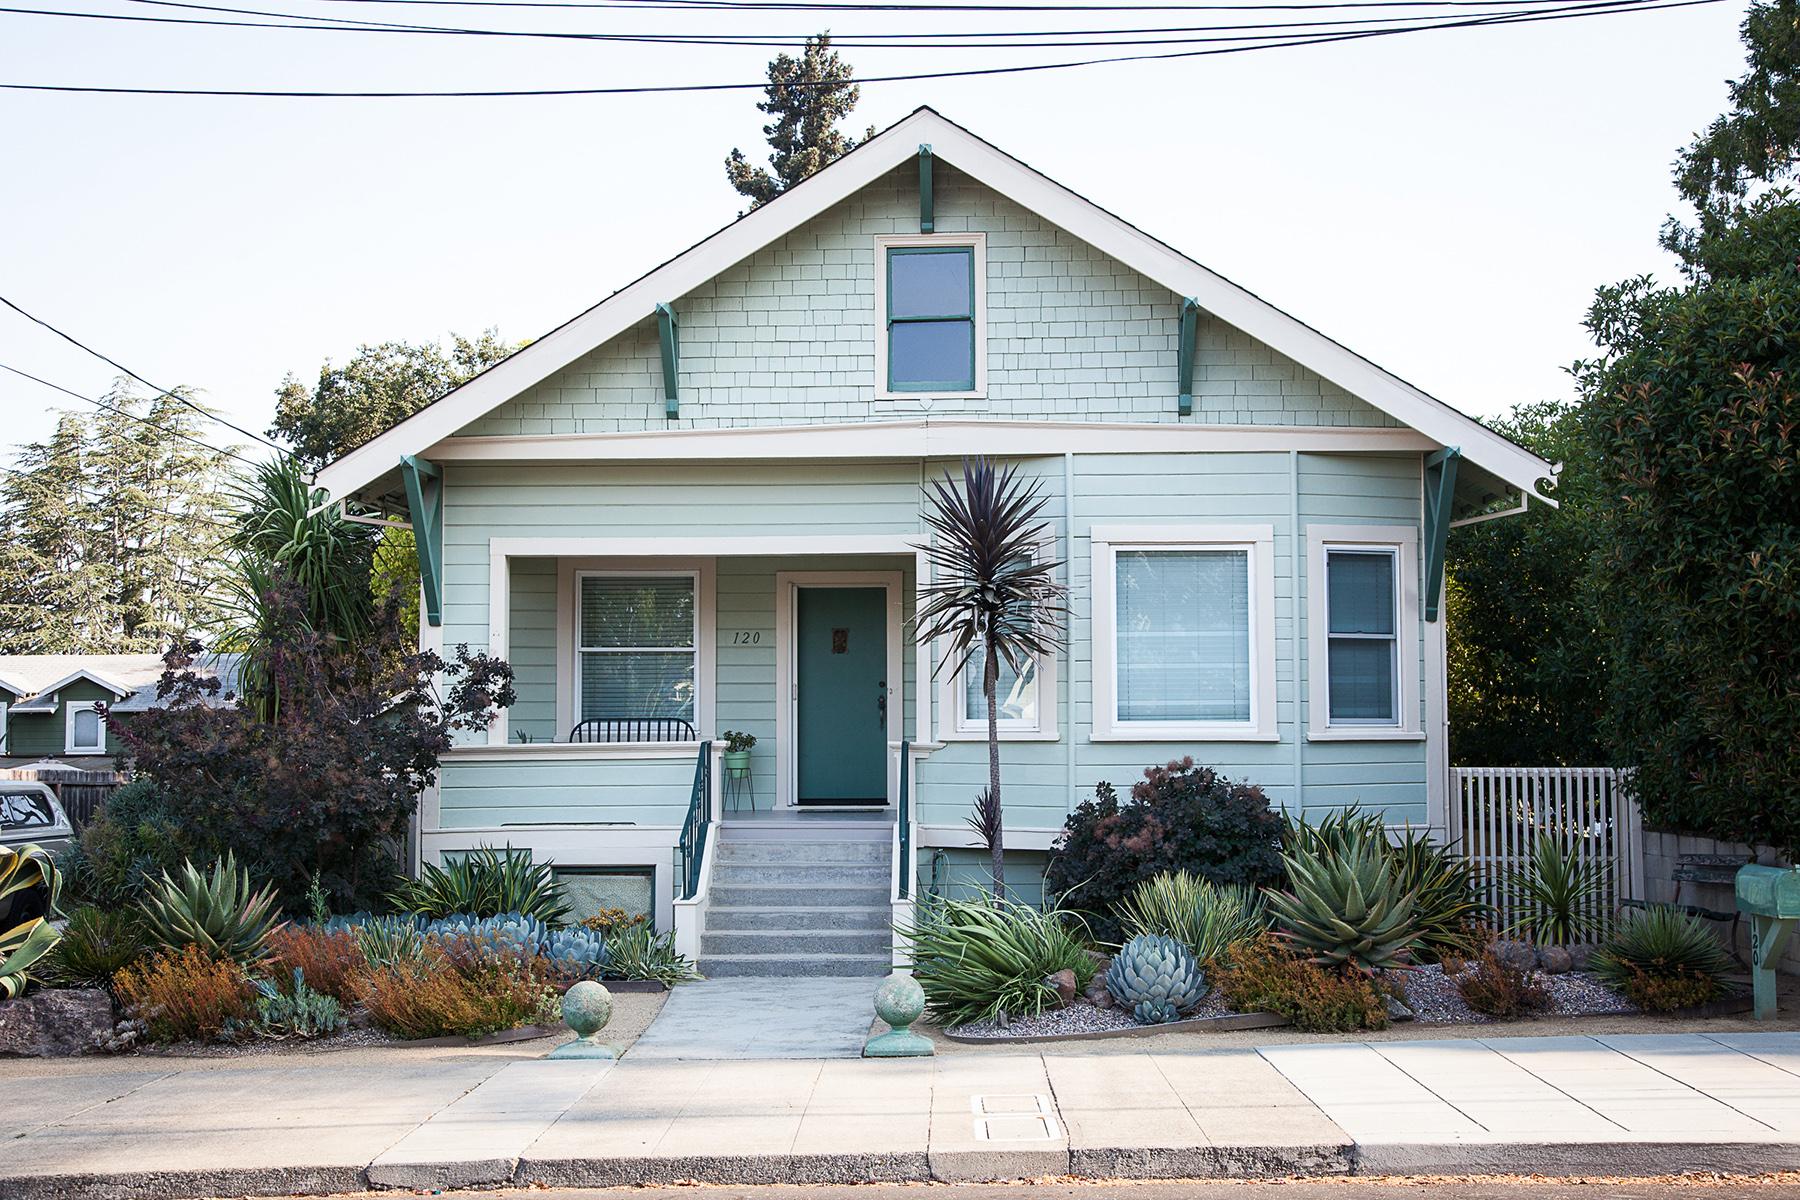 Casa Unifamiliar por un Venta en 120 1st St, Napa, CA 94559 120 1st St Napa, California, 94559 Estados Unidos